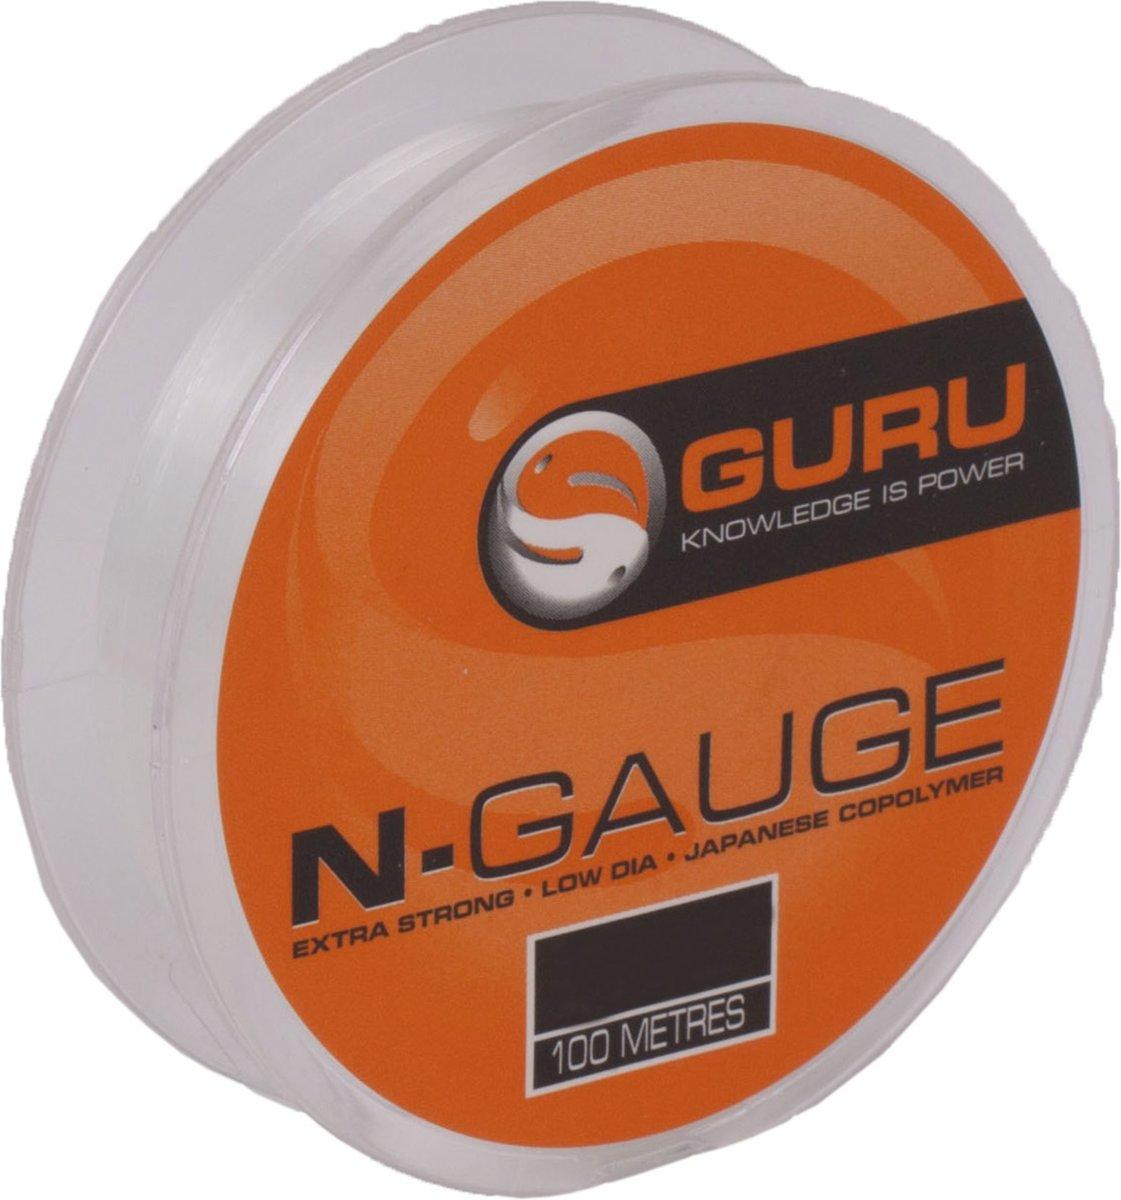 Guru N-Gauge | Nylon Vislijn | 0.11mm | 100m